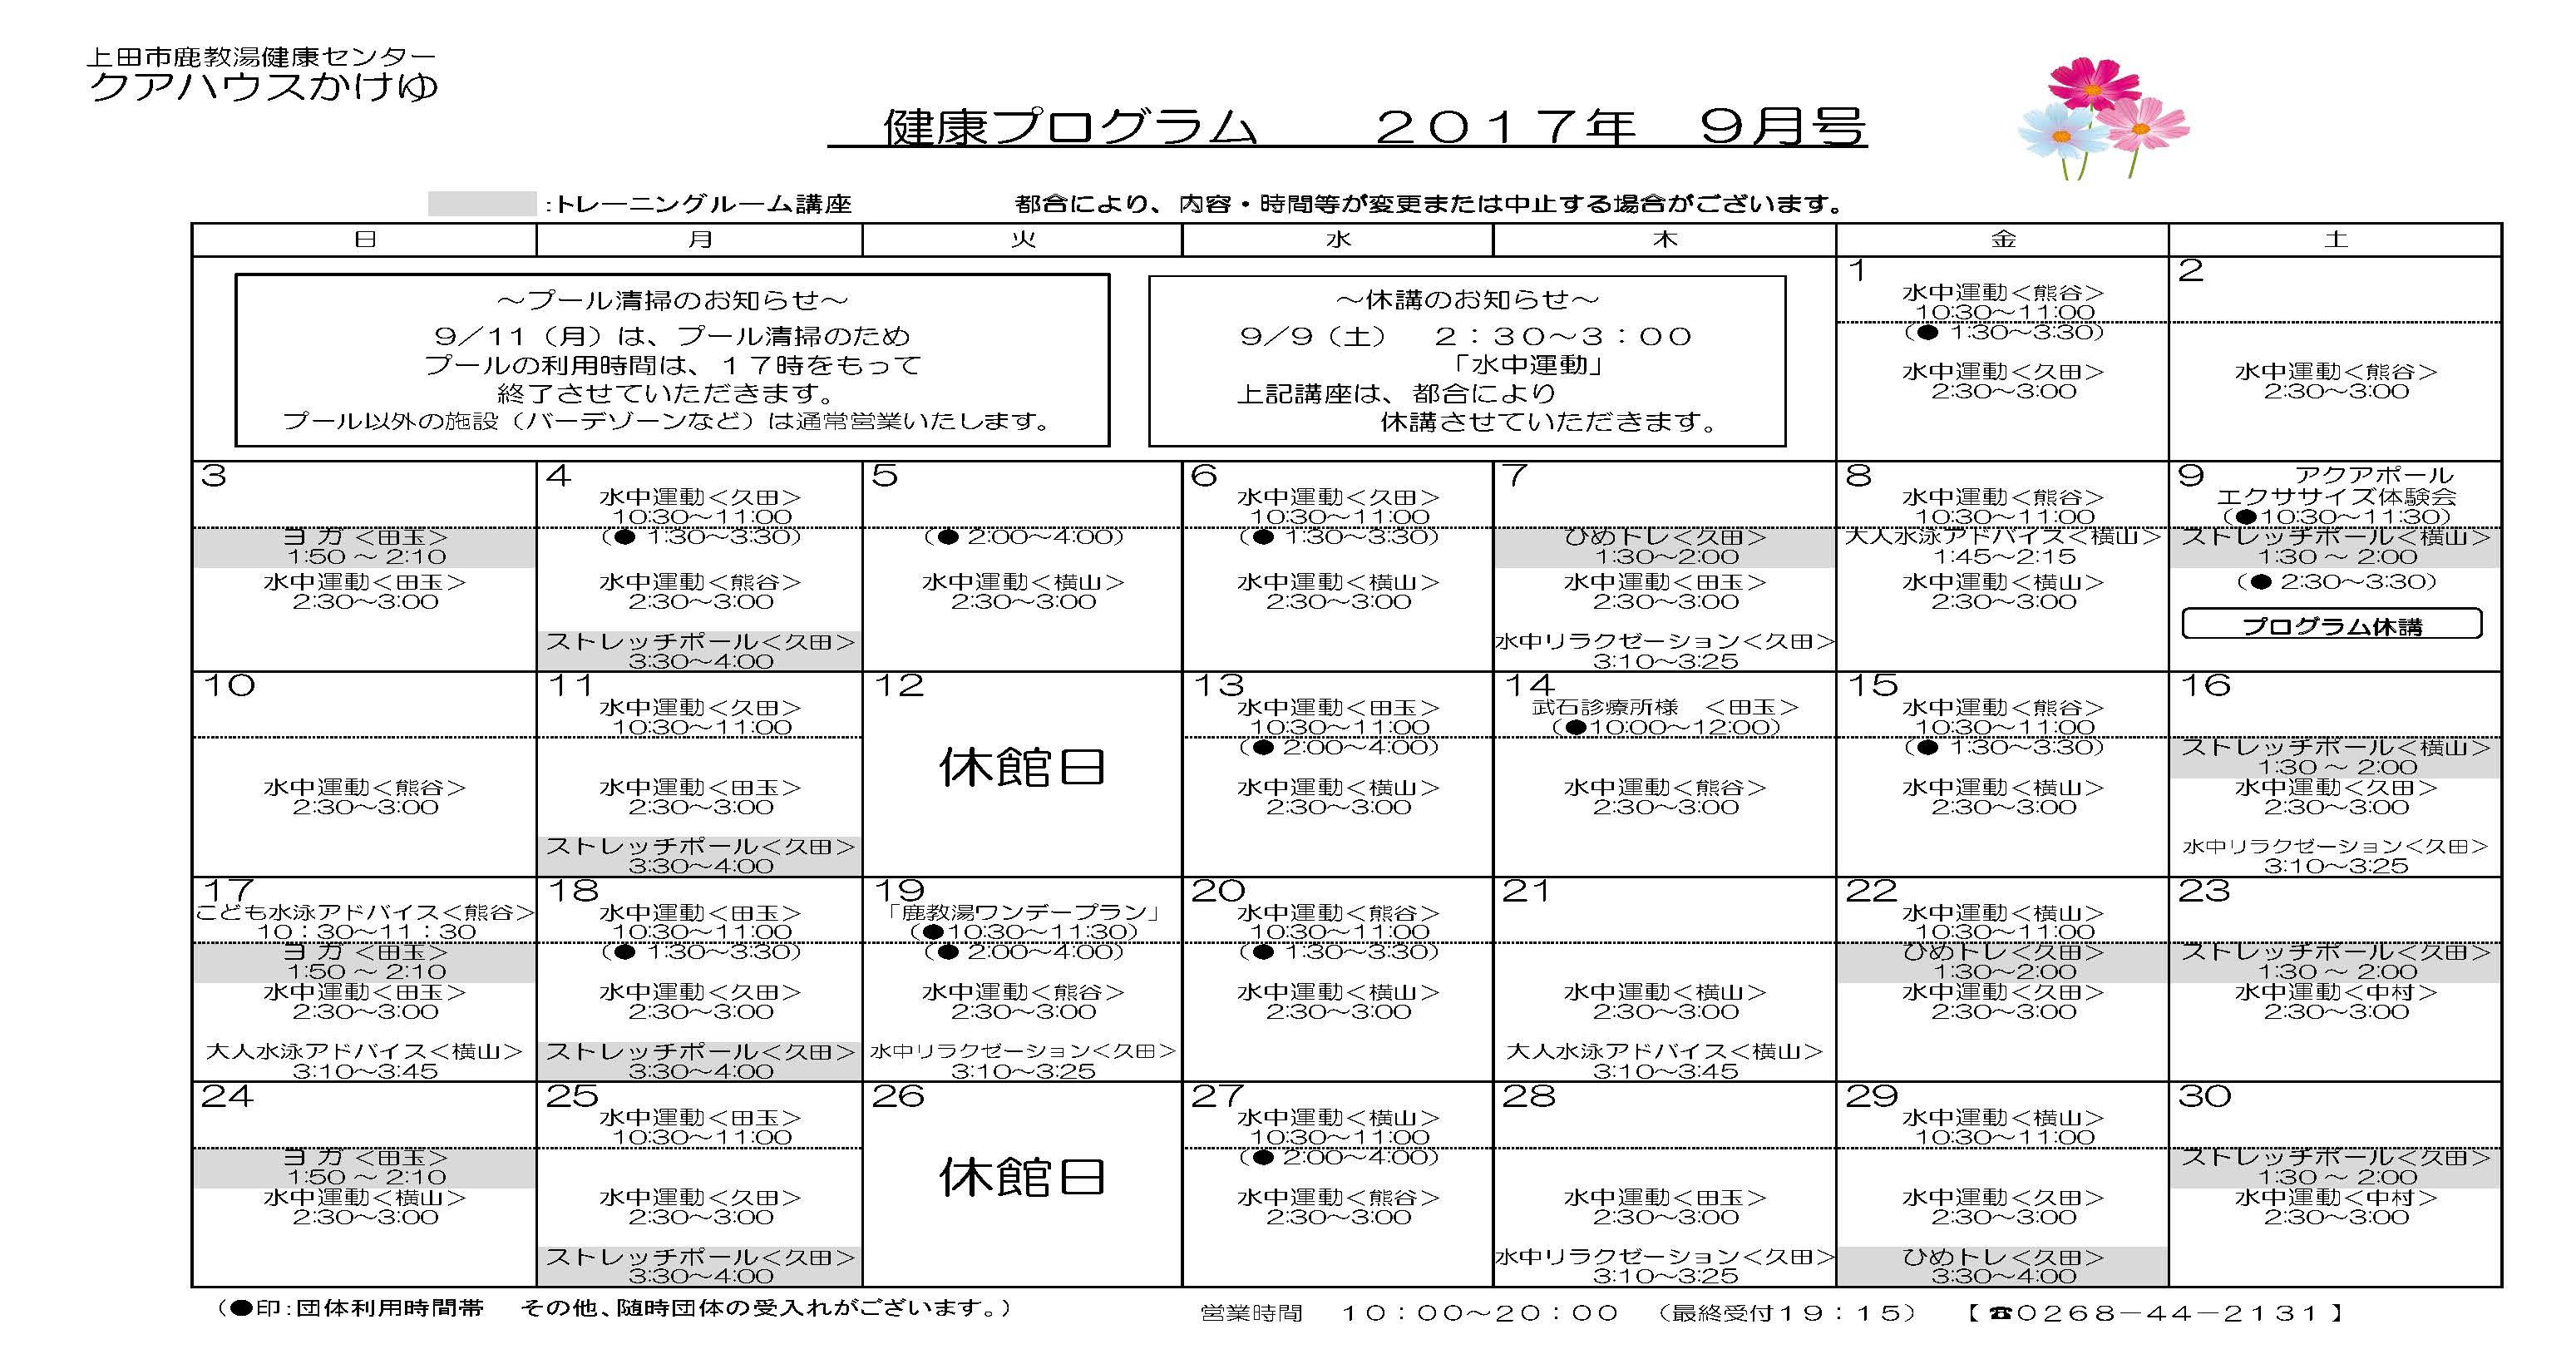 プログラム9月